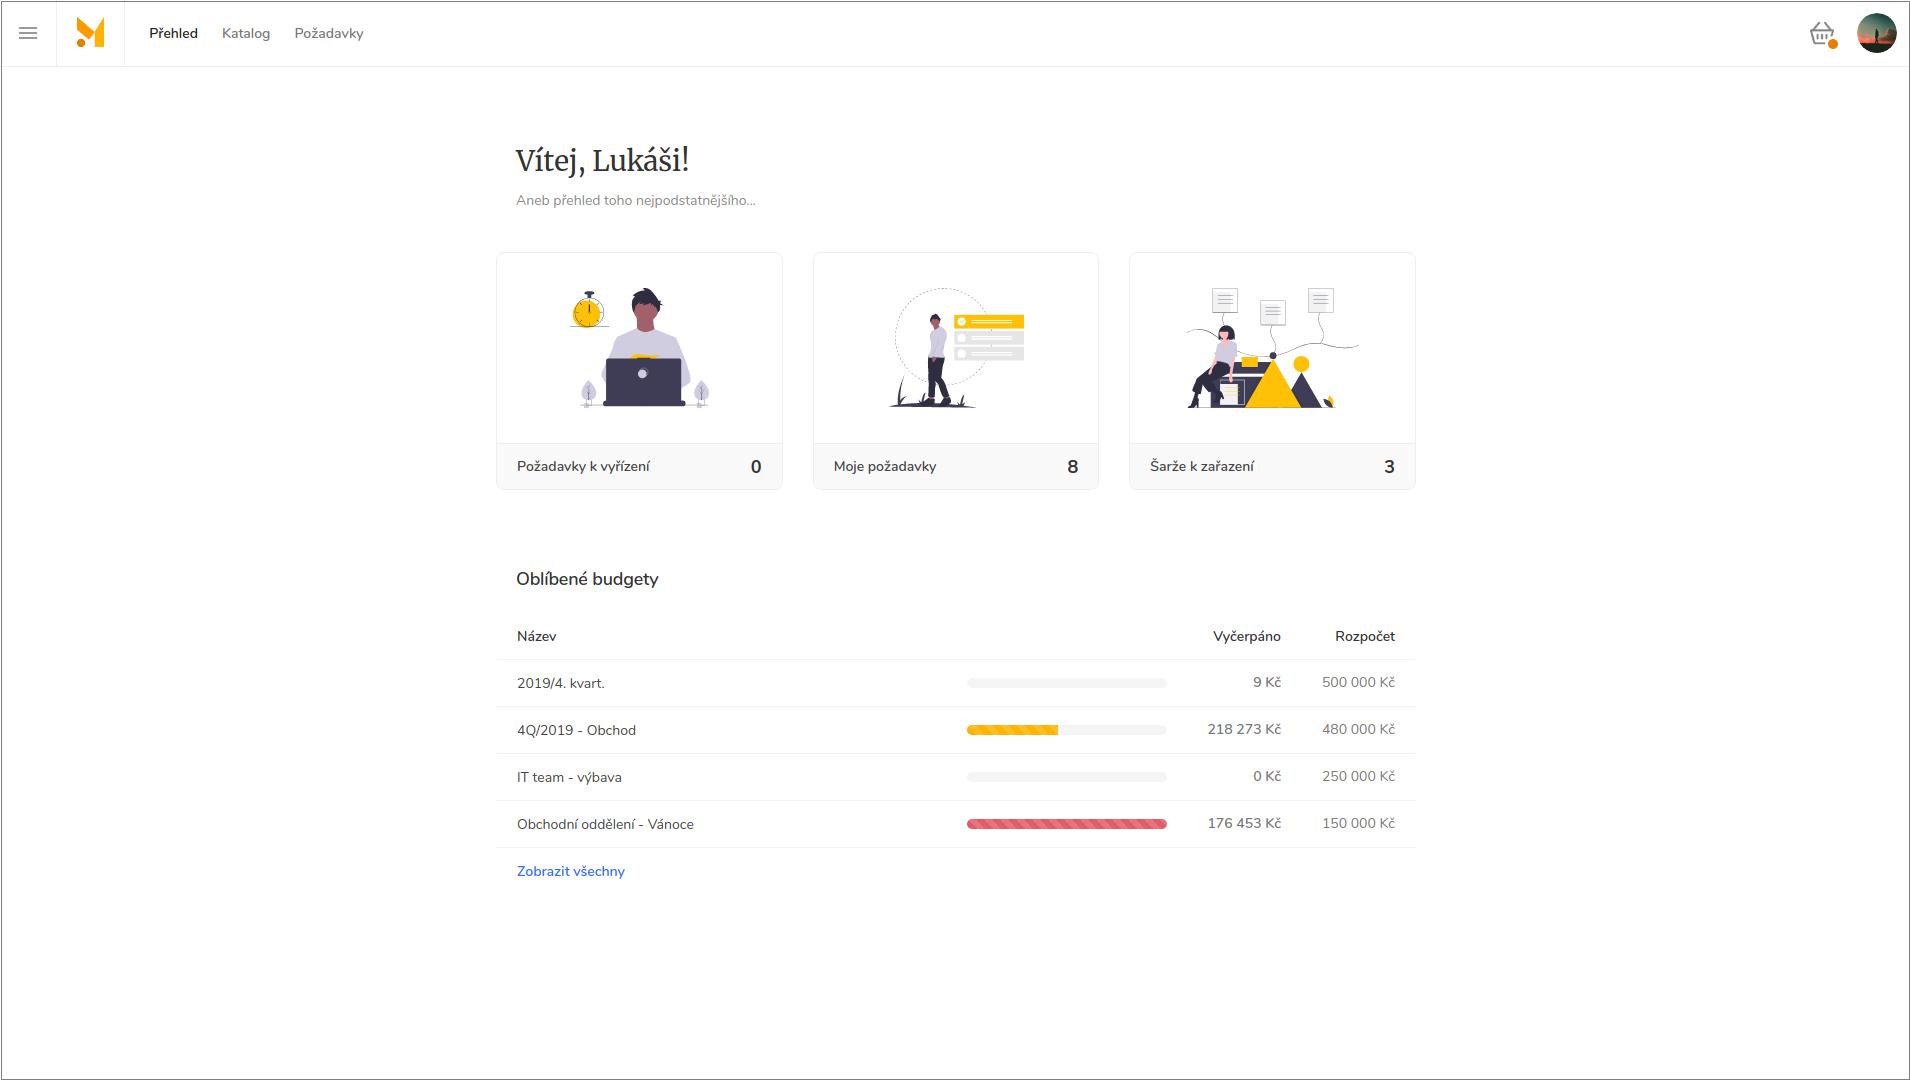 Úvodný dashboard ukazuje prehľad najdôležitejších informácií - čerpanie z nadefinovaných budgetov, požiadavky na vybavenie, nové položky v katalógu, a pod.